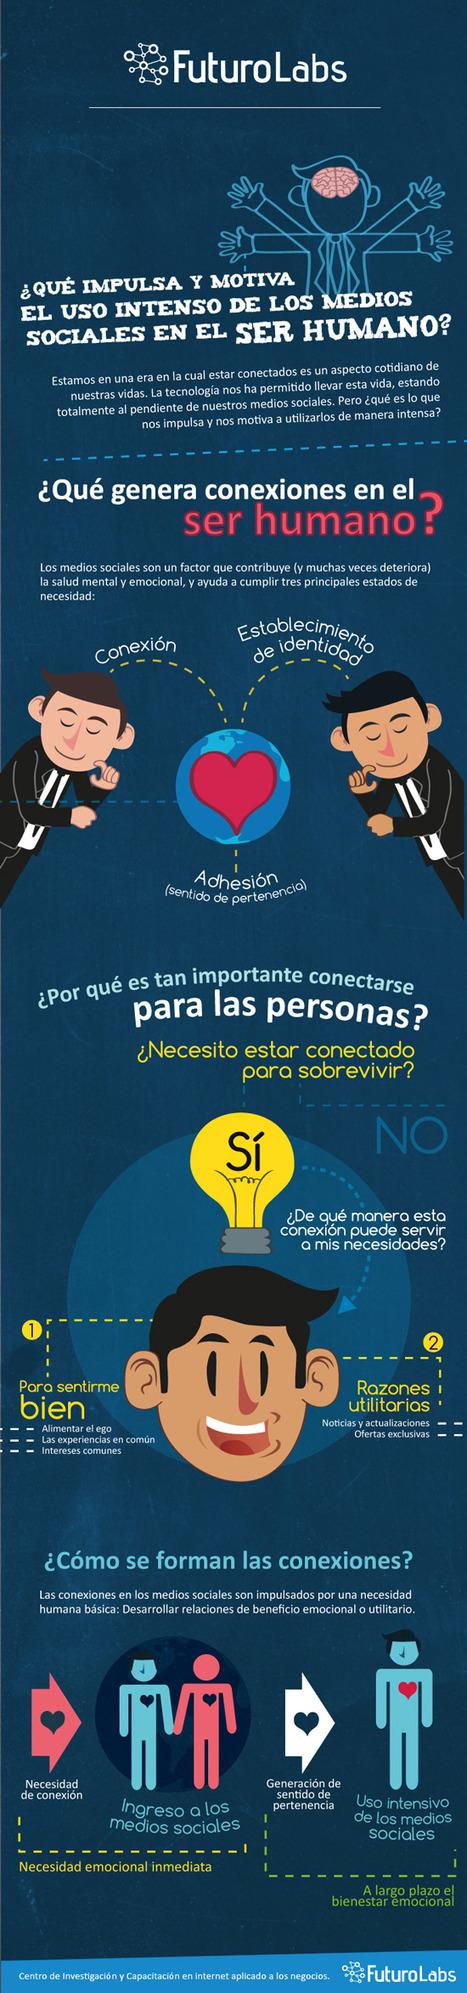 ¿Por qué nos enganchan tanto las Redes Sociales? #infografia #infographic #socialmedia | juancarloscampos.net | Scoop.it